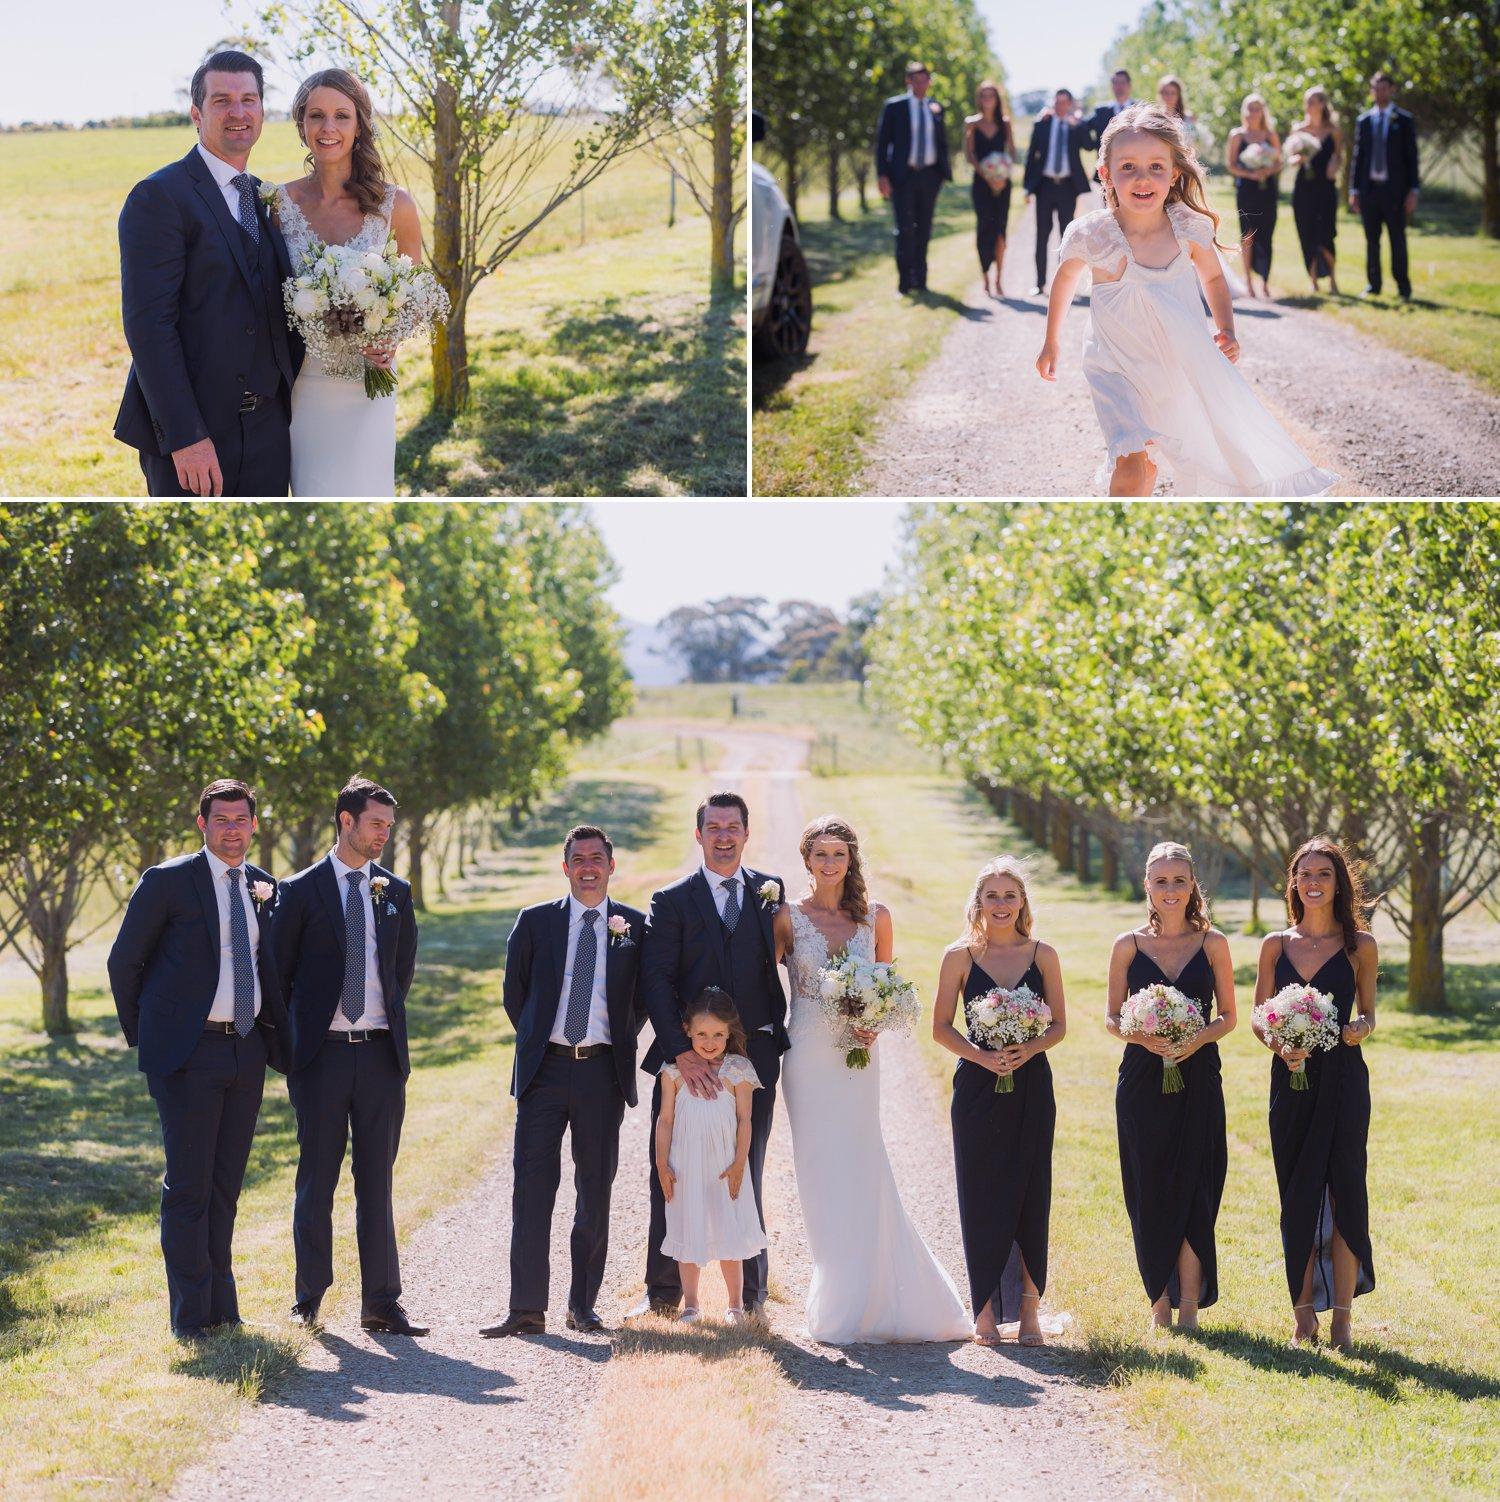 Tim & Carolyn_Millthorpe wedding photography_feather and birch_ 20.jpg